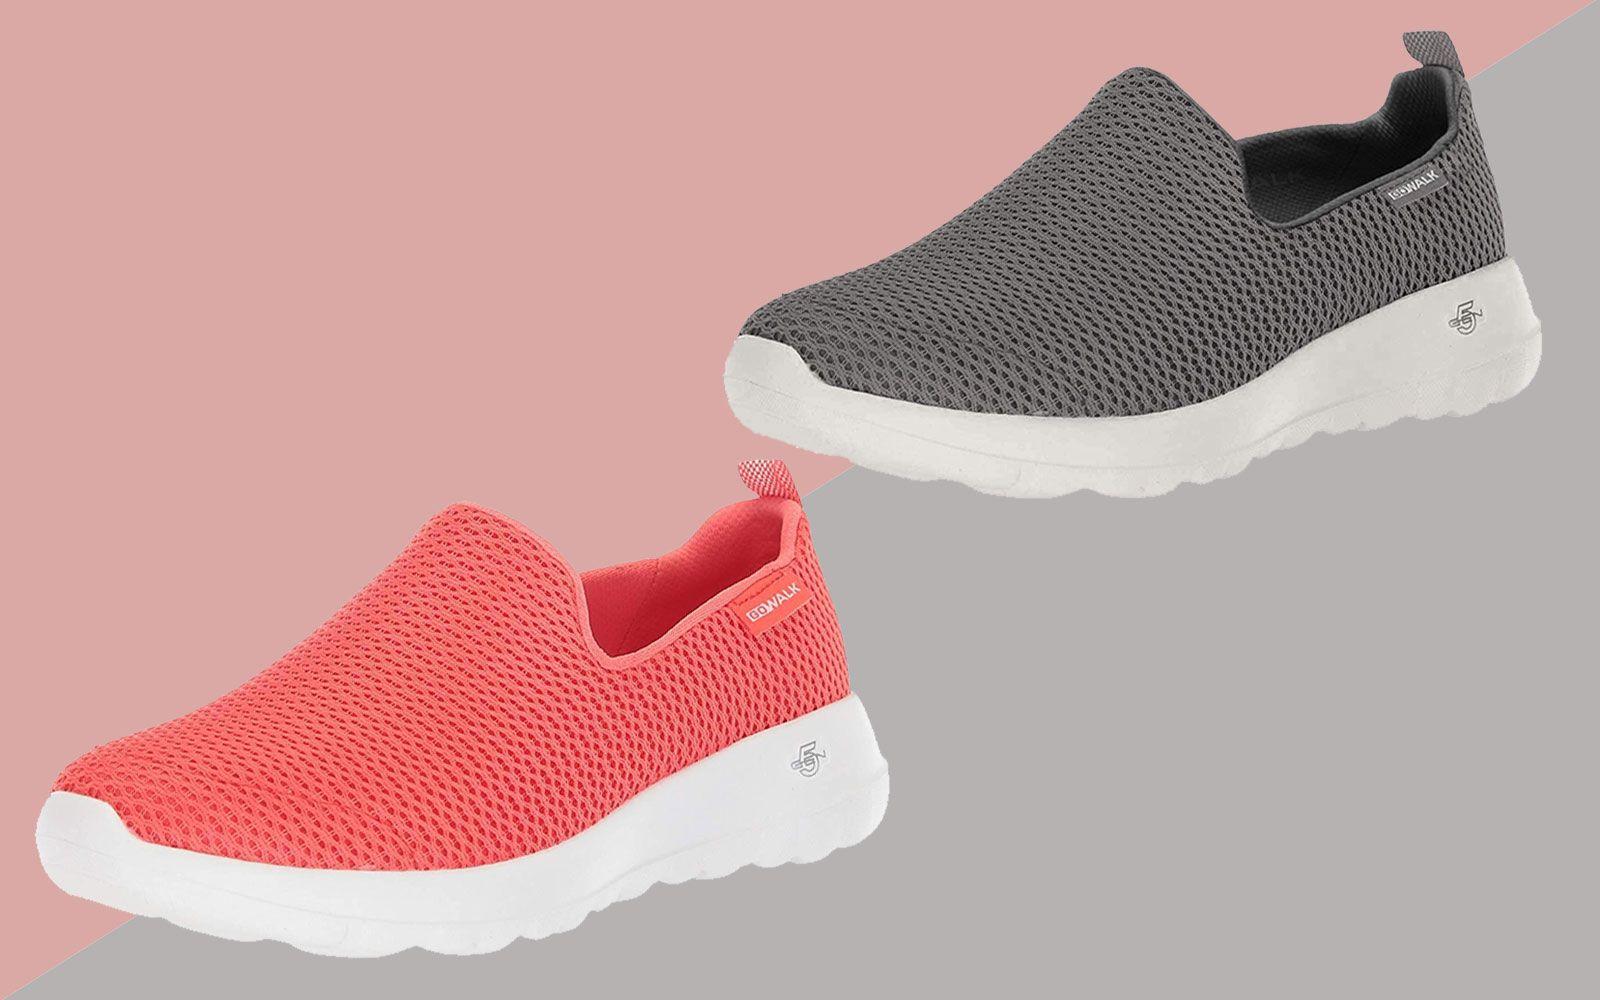 The Skechers Go Walk Joy Walking Shoes